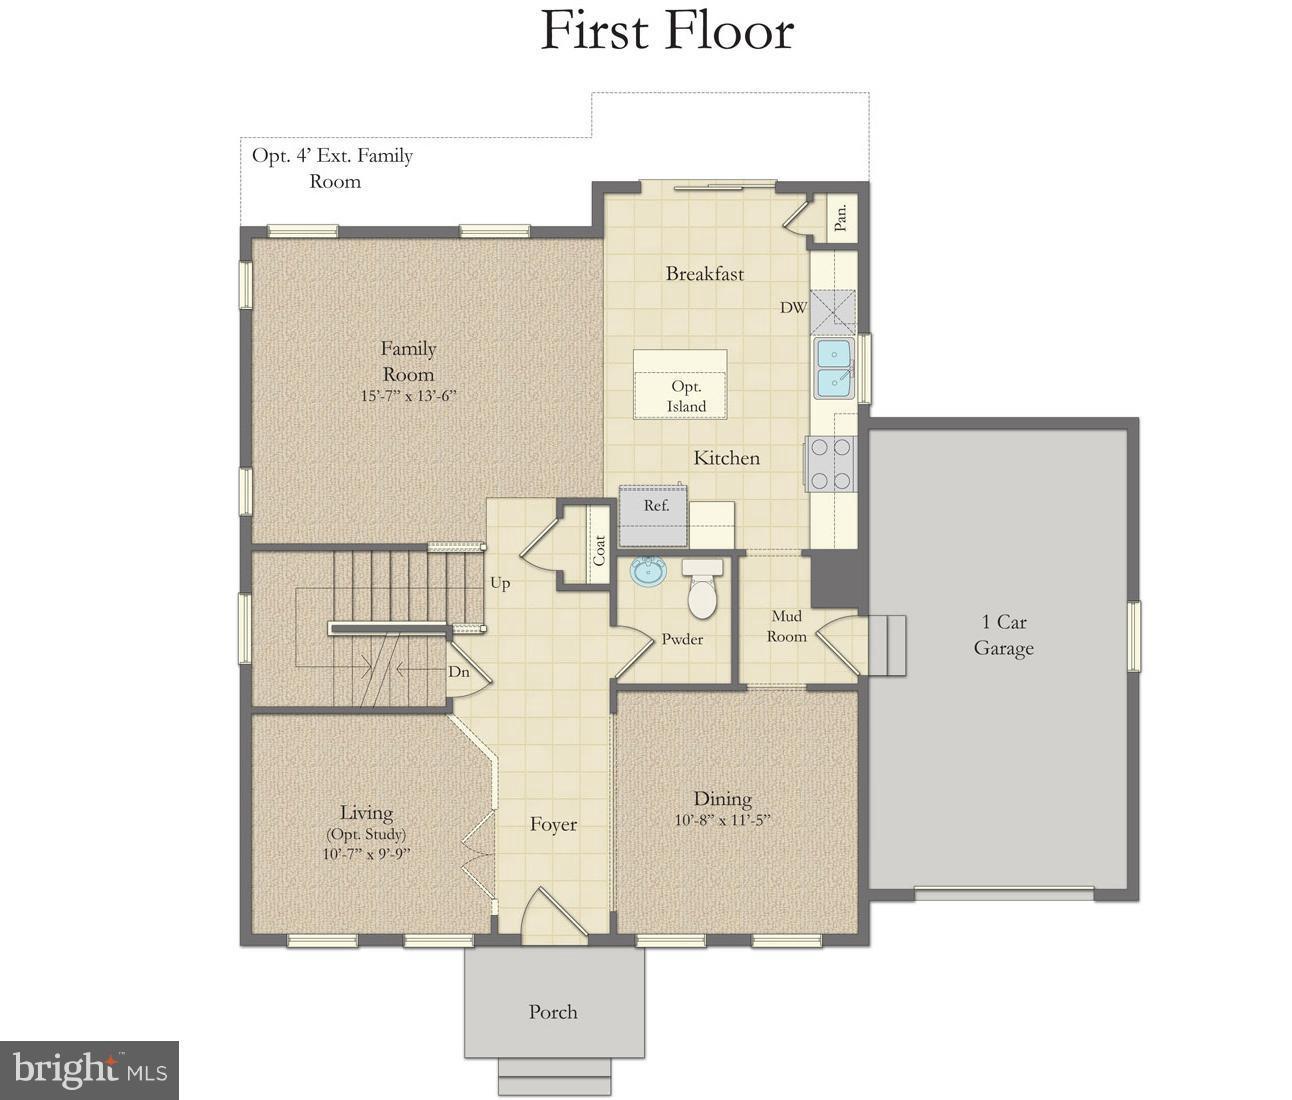 lanham hardwood flooring company of 10200 galaxy view lane lanham md 20706 mls 1004112773 re max inside 10200 galaxy view lane lanham md 20706